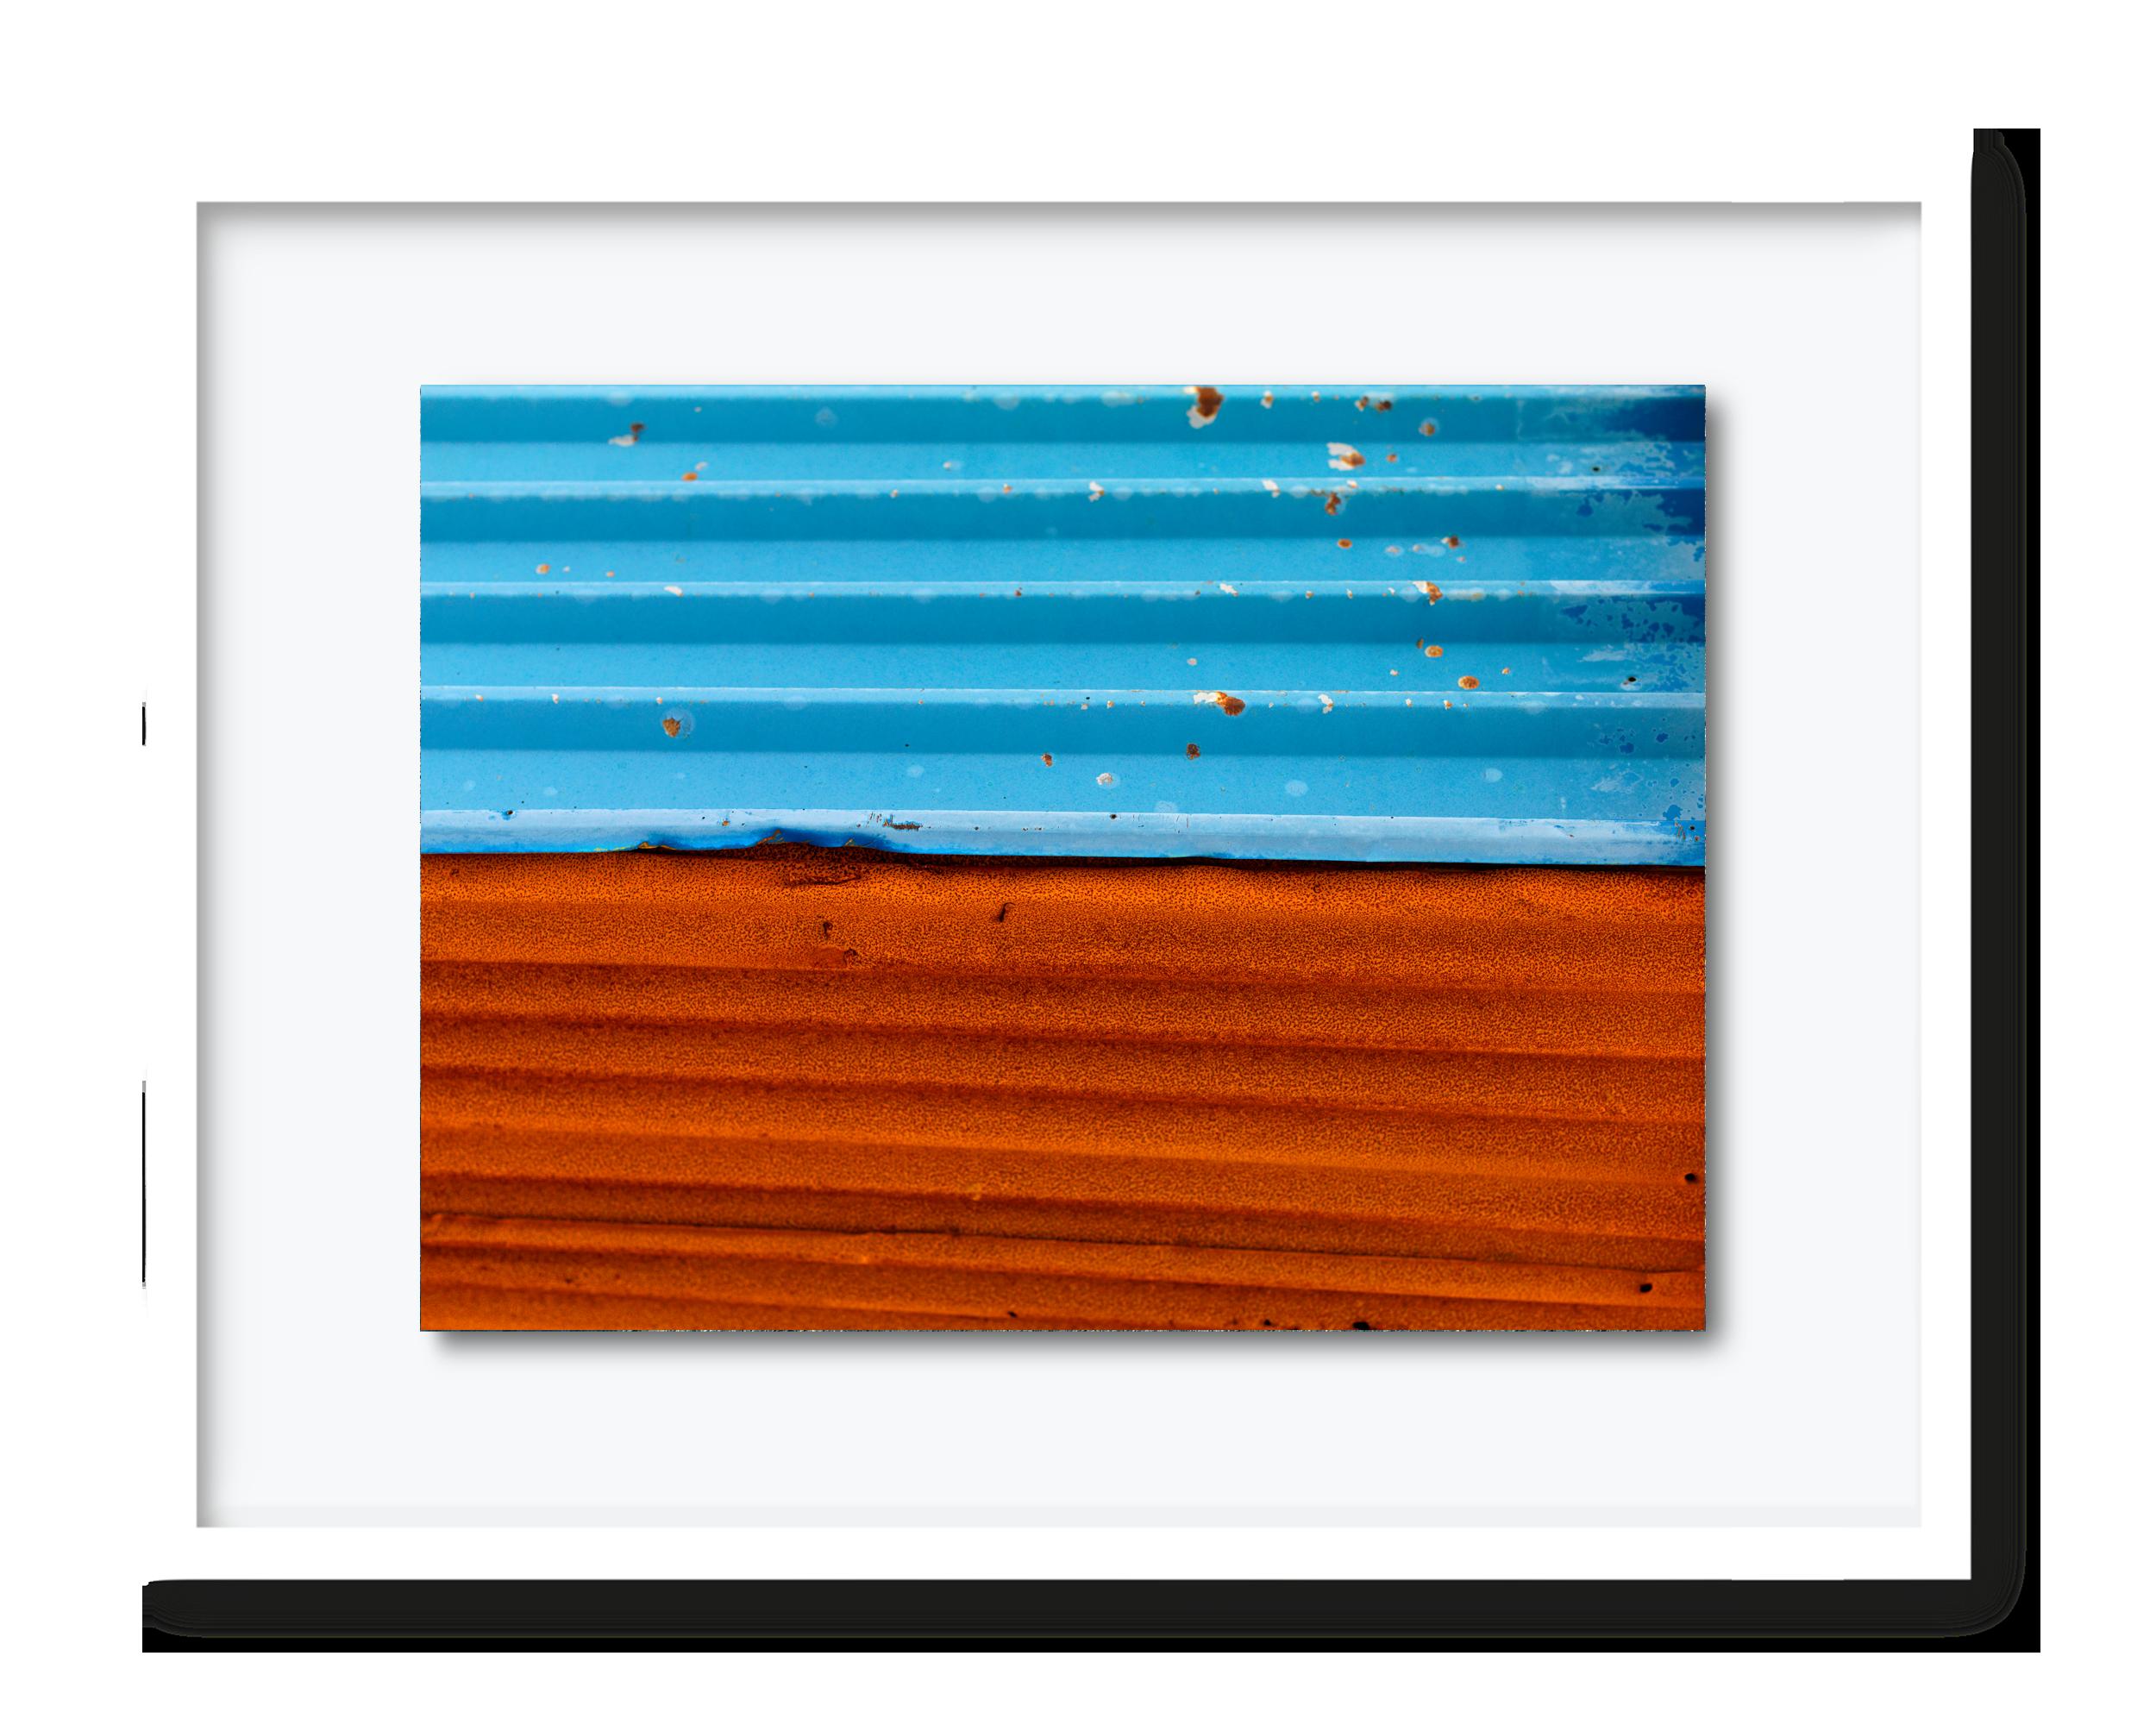 62.david-pearce-rust-paint.png